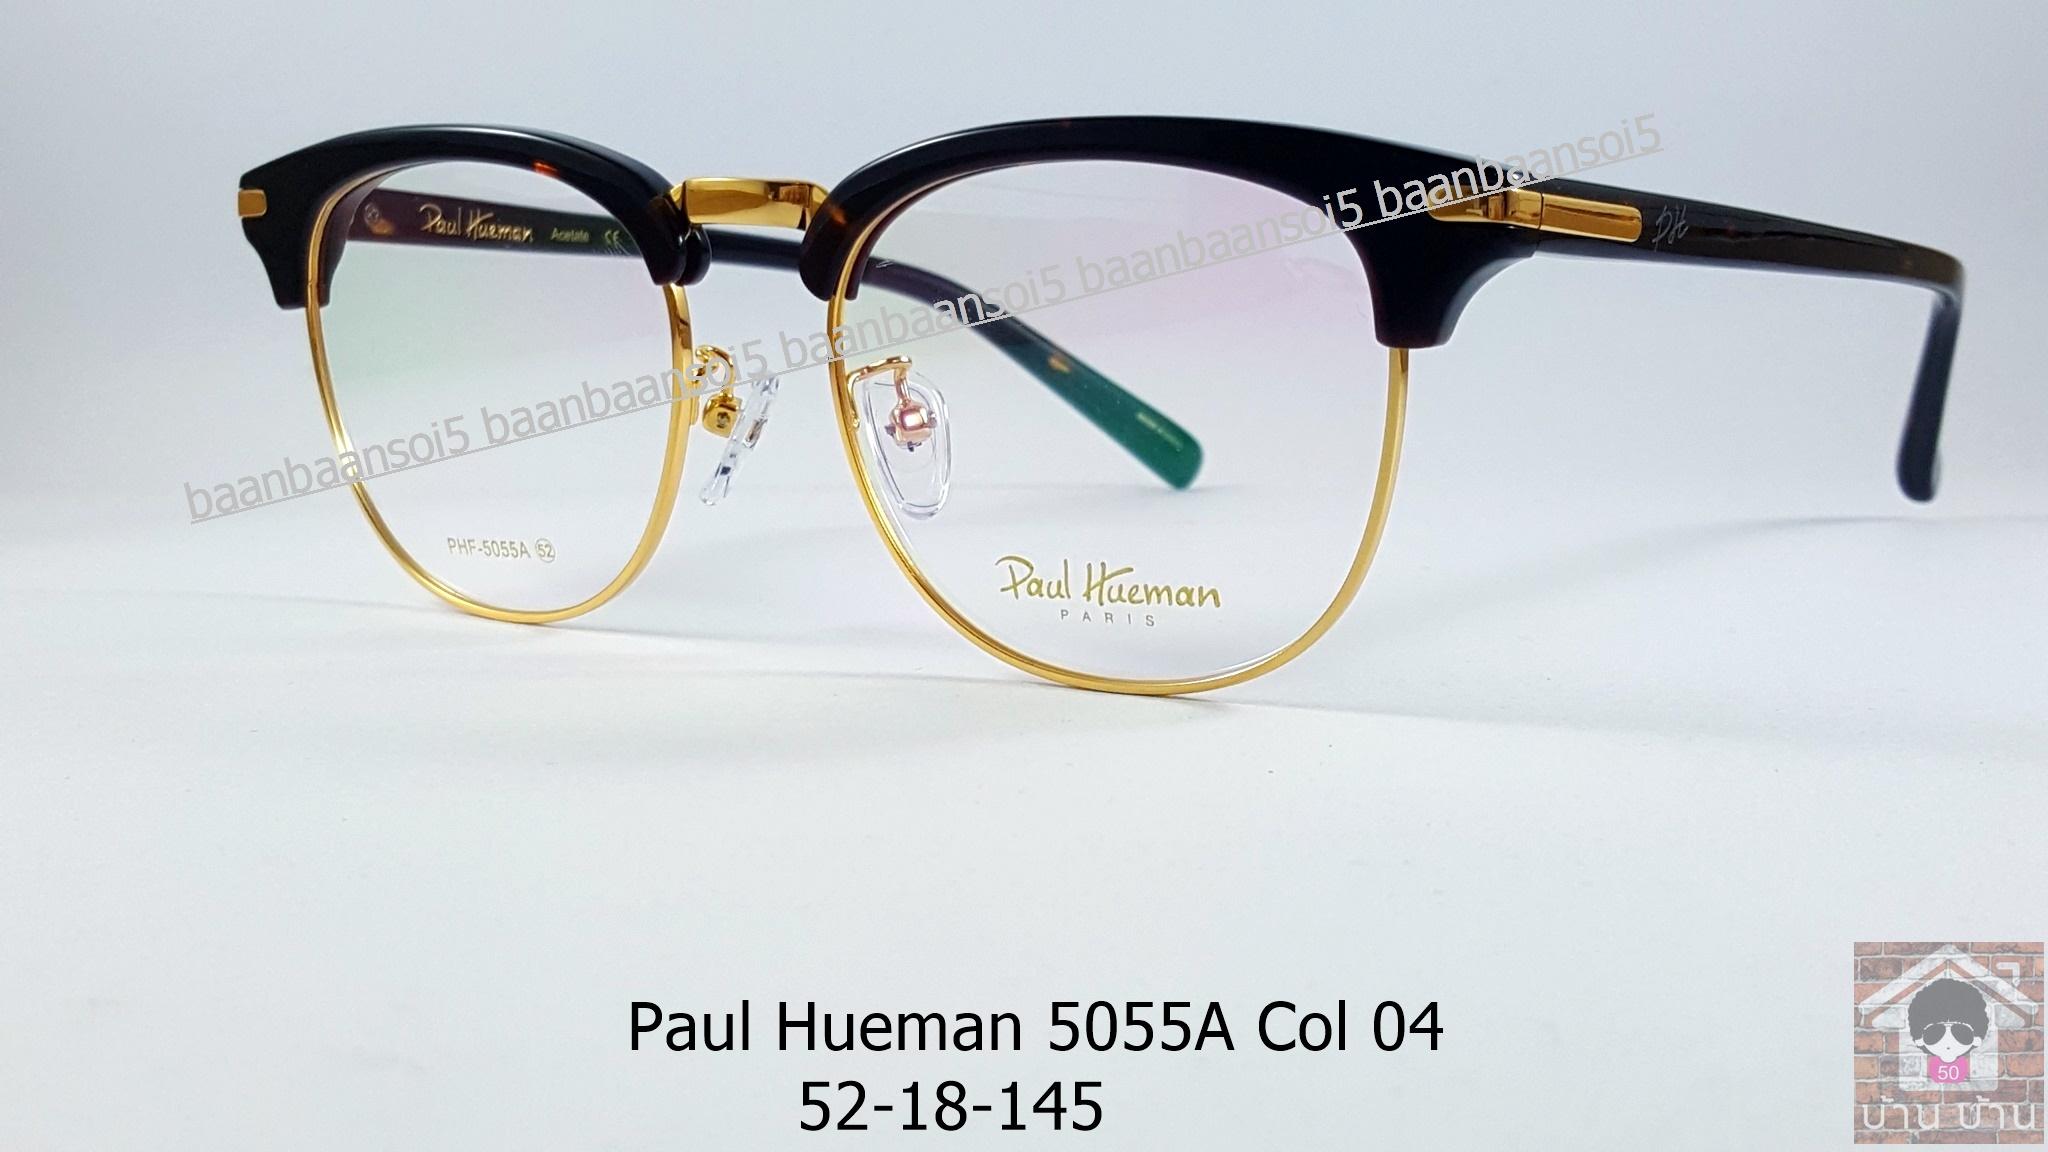 Paul Hueman 5055A Col.04 โปรโมชั่น กรอบแว่นตาพร้อมเลนส์ HOYA ราคา 3,200 บาท